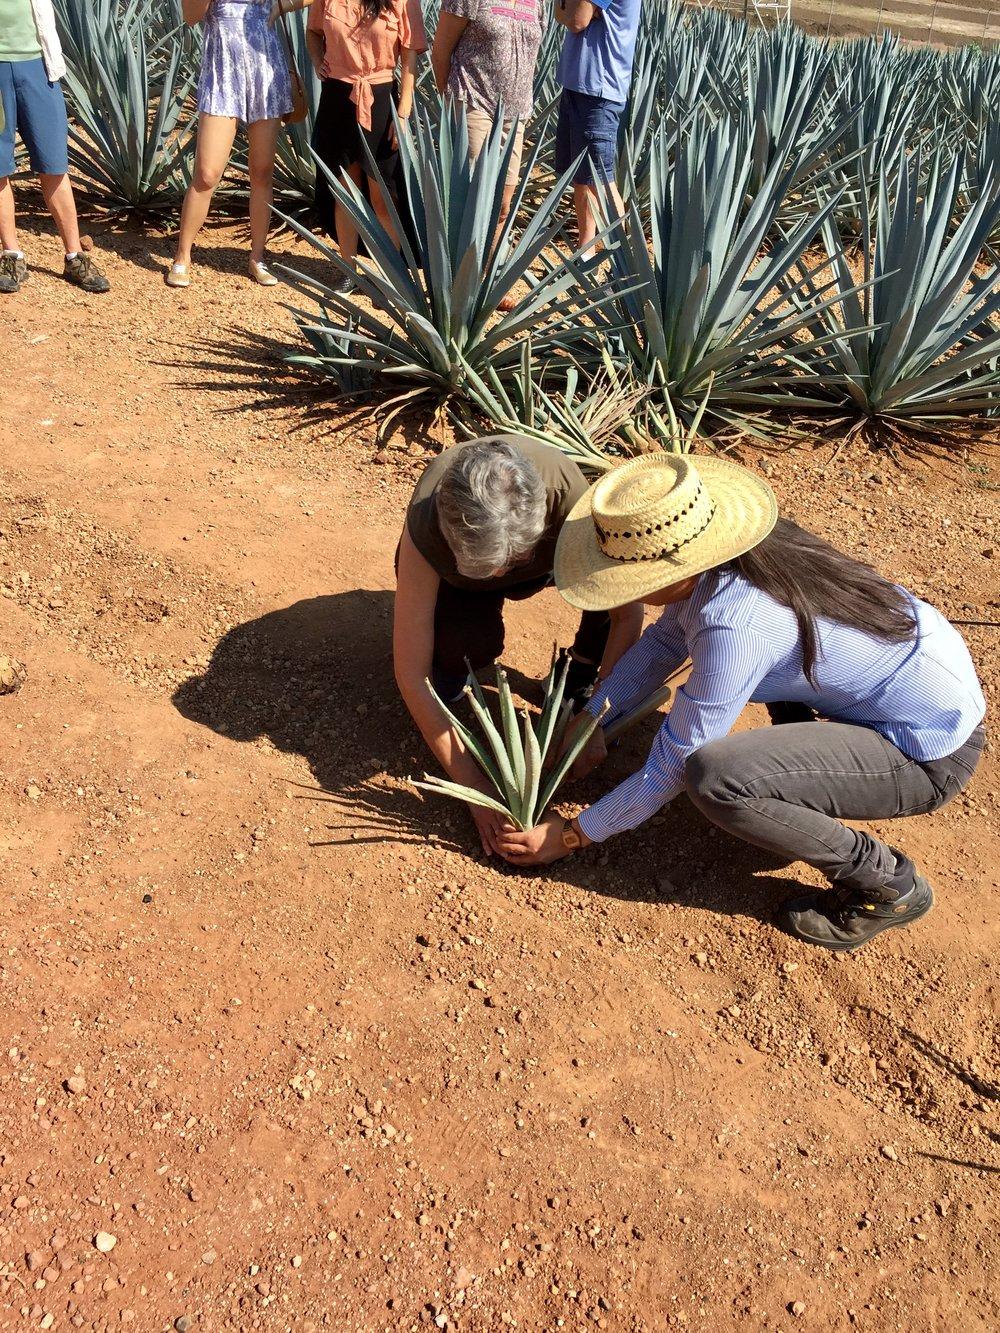 Planting baby agaves at Sauza.